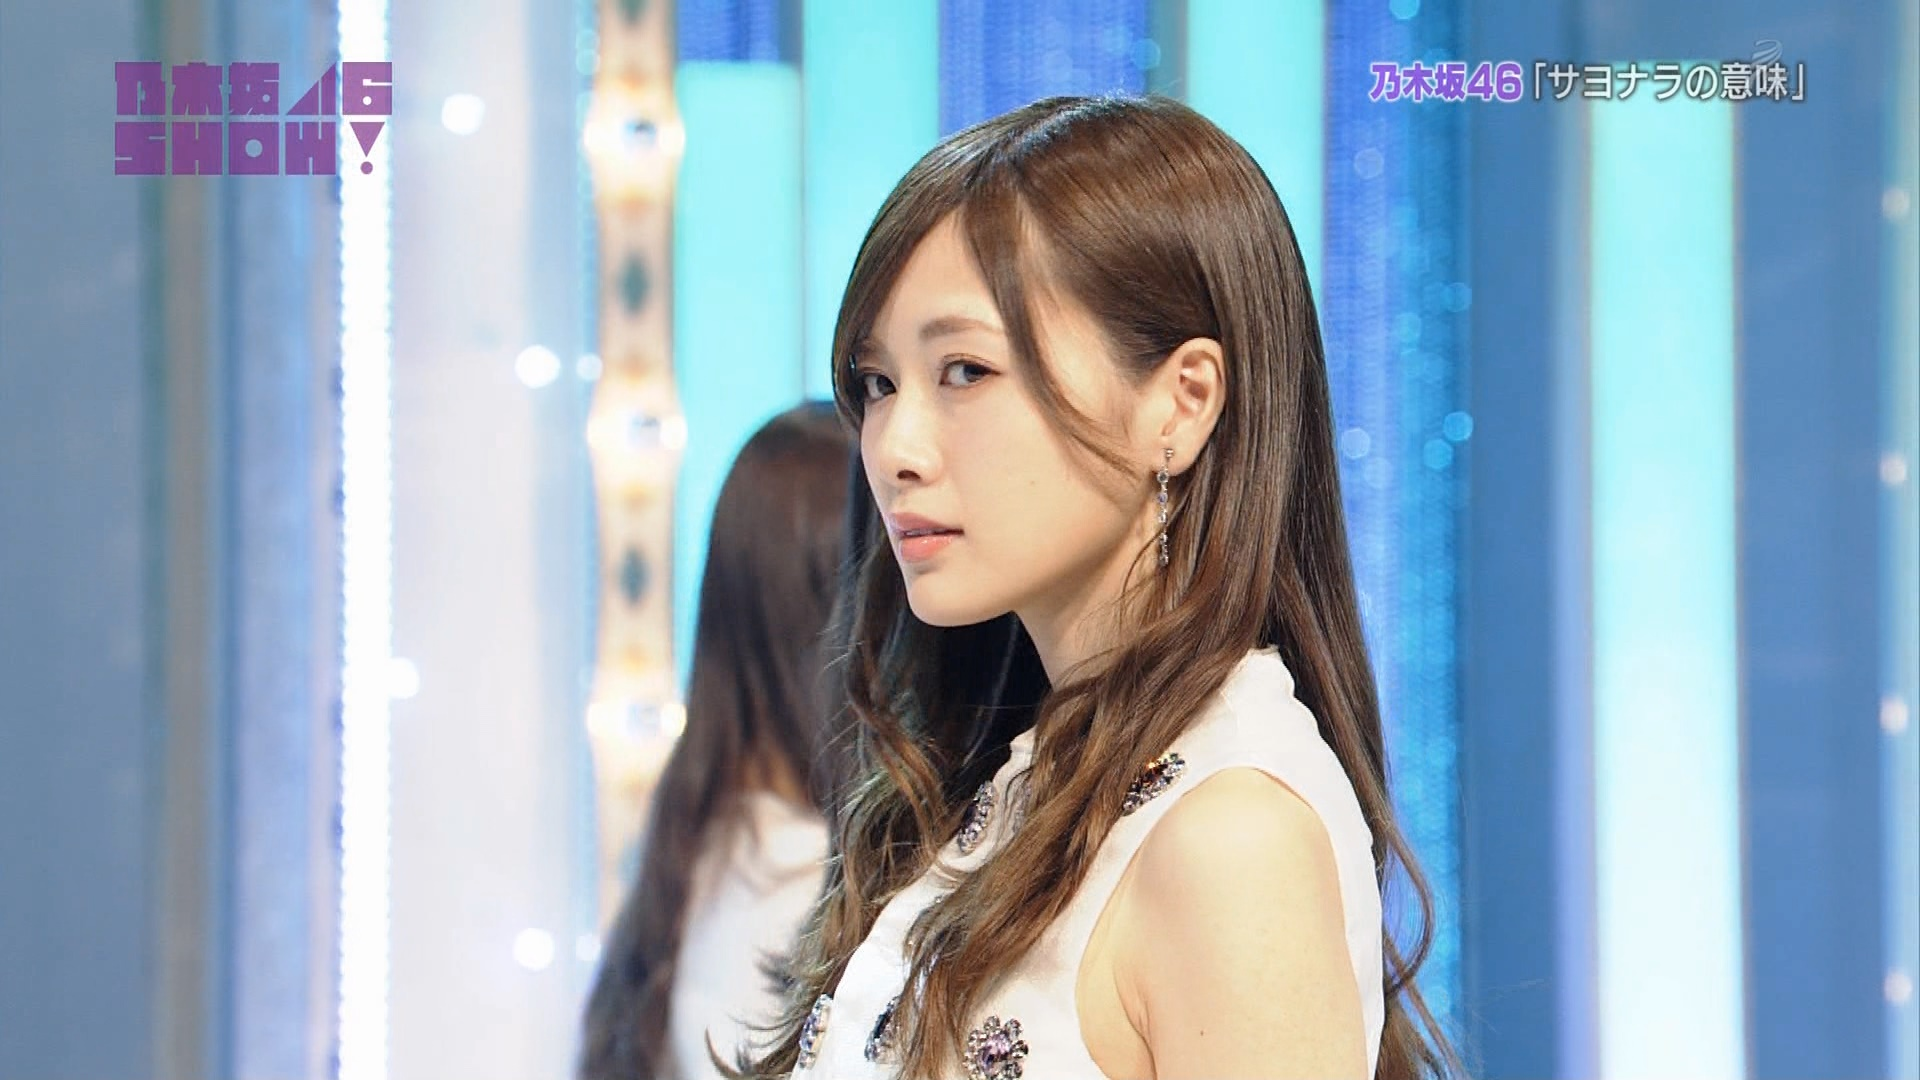 乃木坂46SHOW!(AKB48SHOW!「#142」)★1 [無断転載禁止]©2ch.netYouTube動画>1本 ->画像>480枚